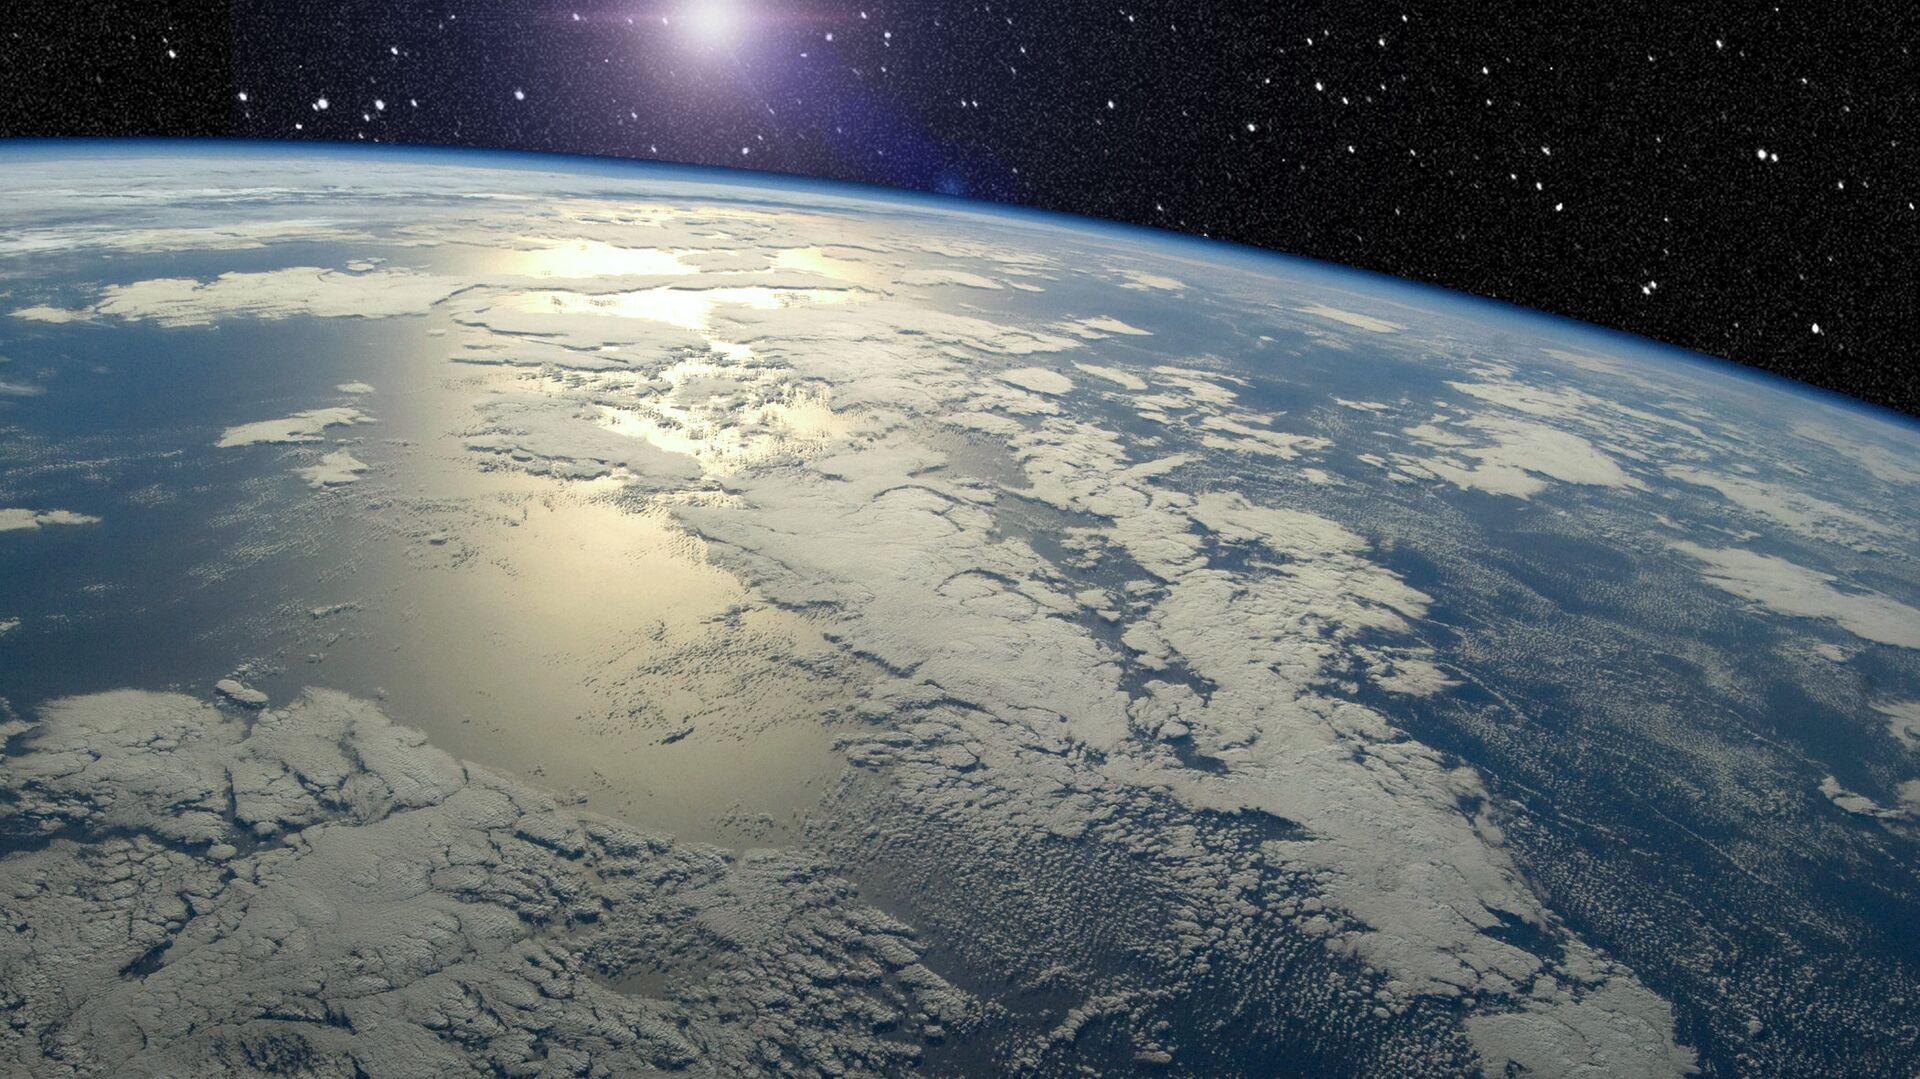 Vista de la Tierra desde el espacio (archivo) - Sputnik Mundo, 1920, 09.03.2021